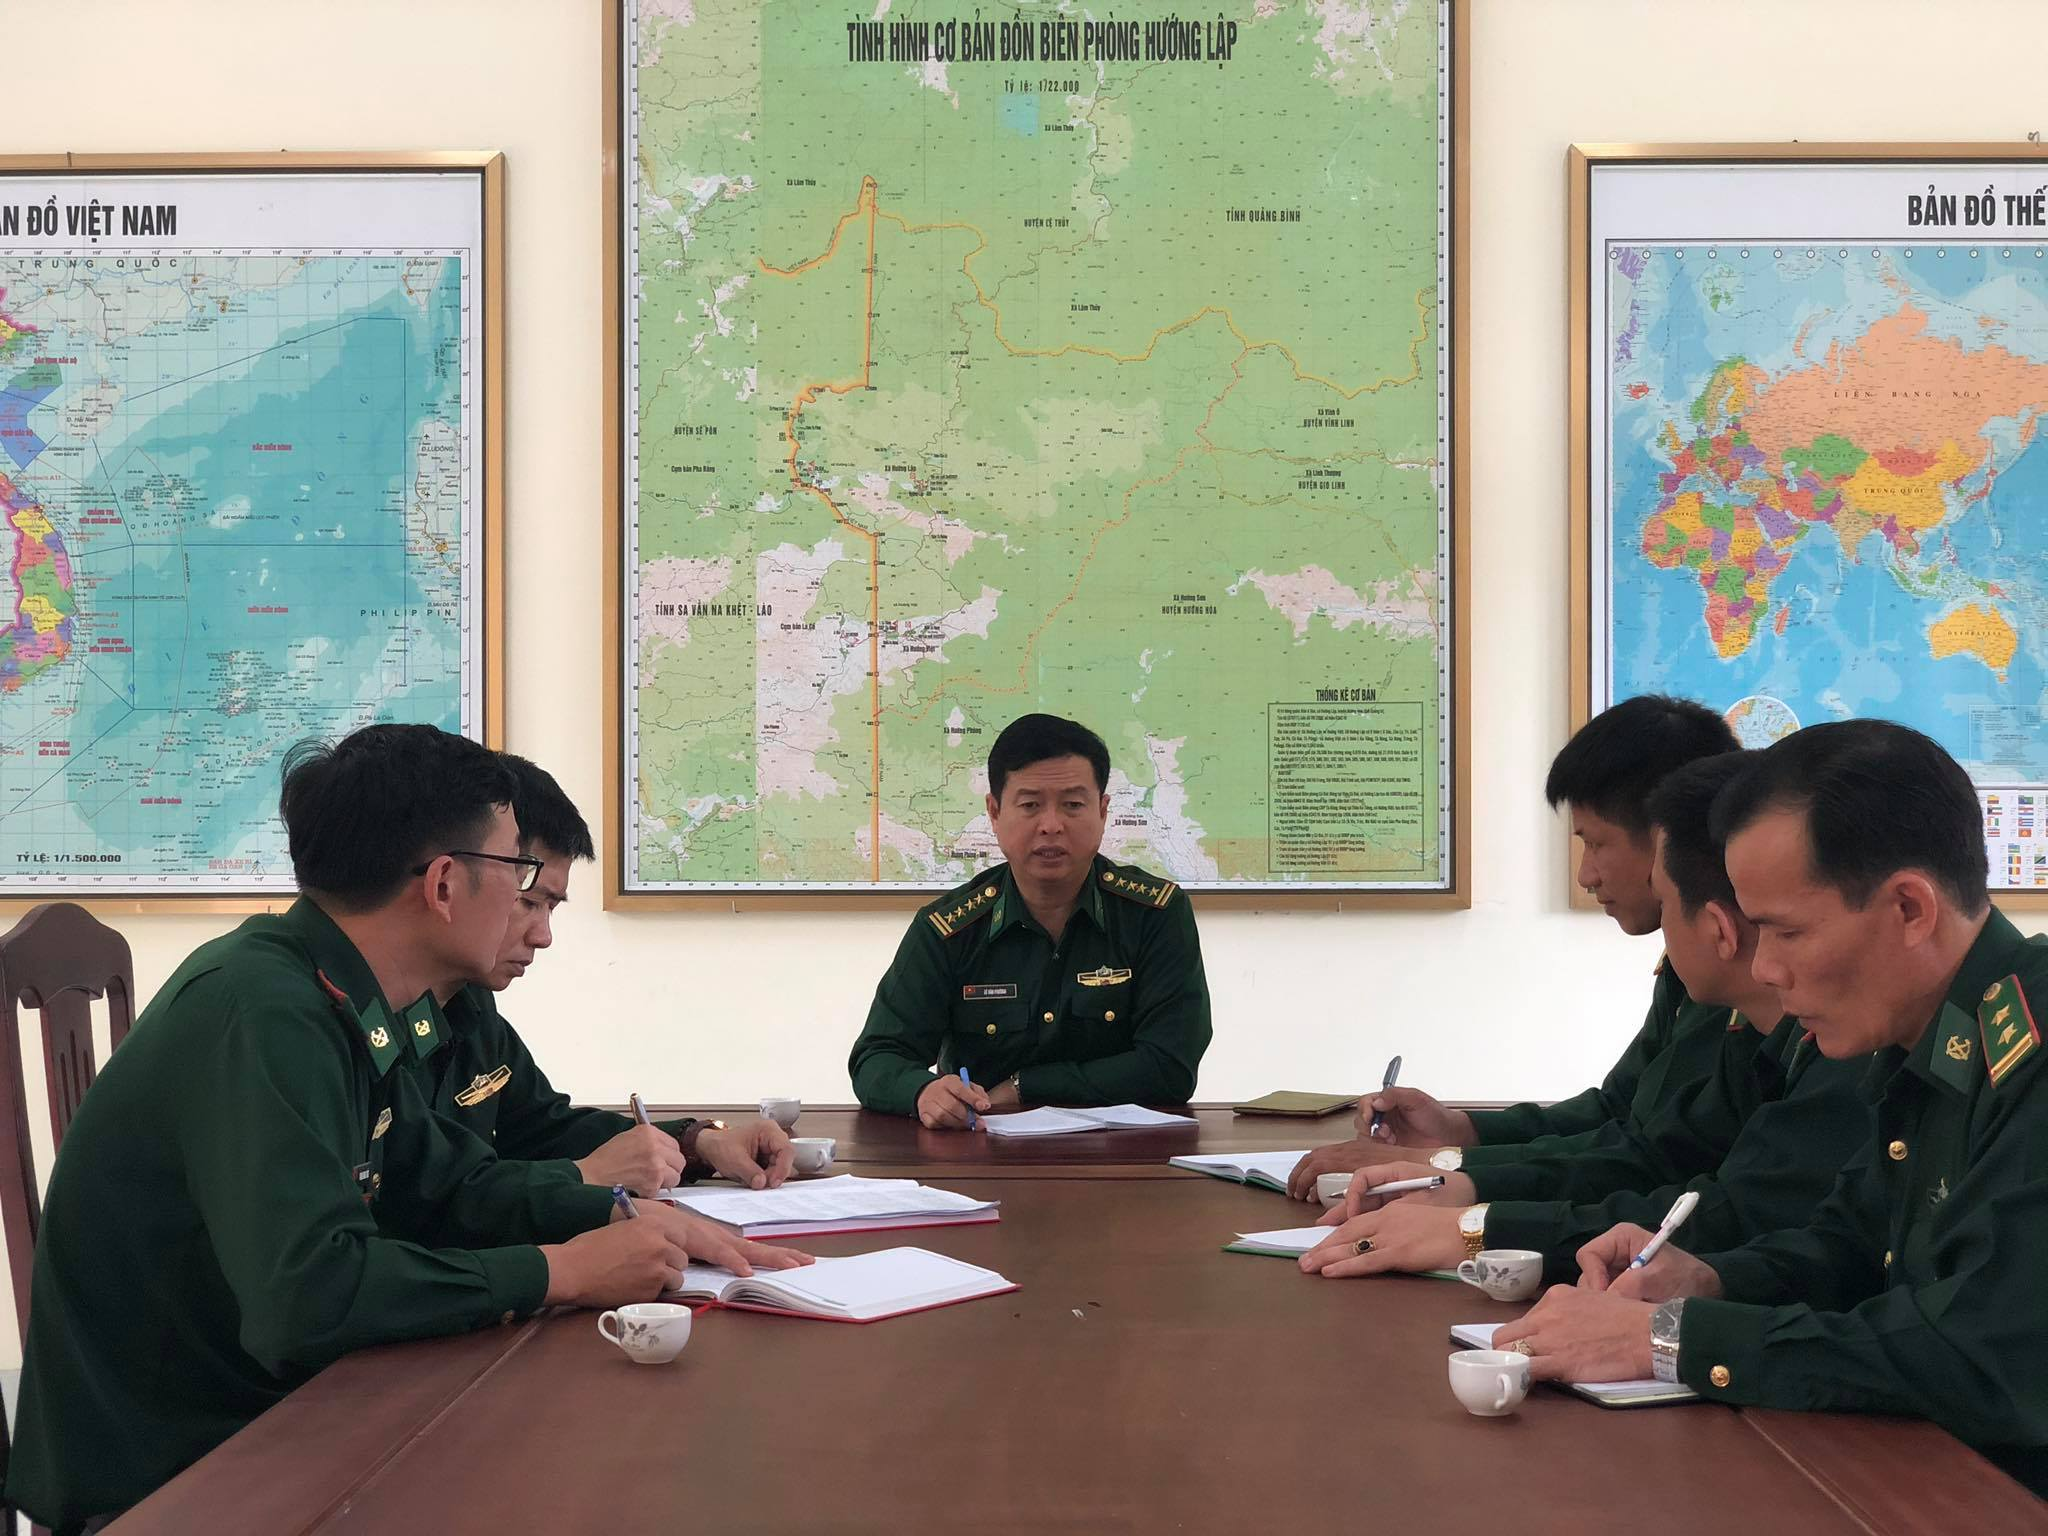 Tăng cường phòng chống dịch Covid-19 trên tuyến biên giới với Lào